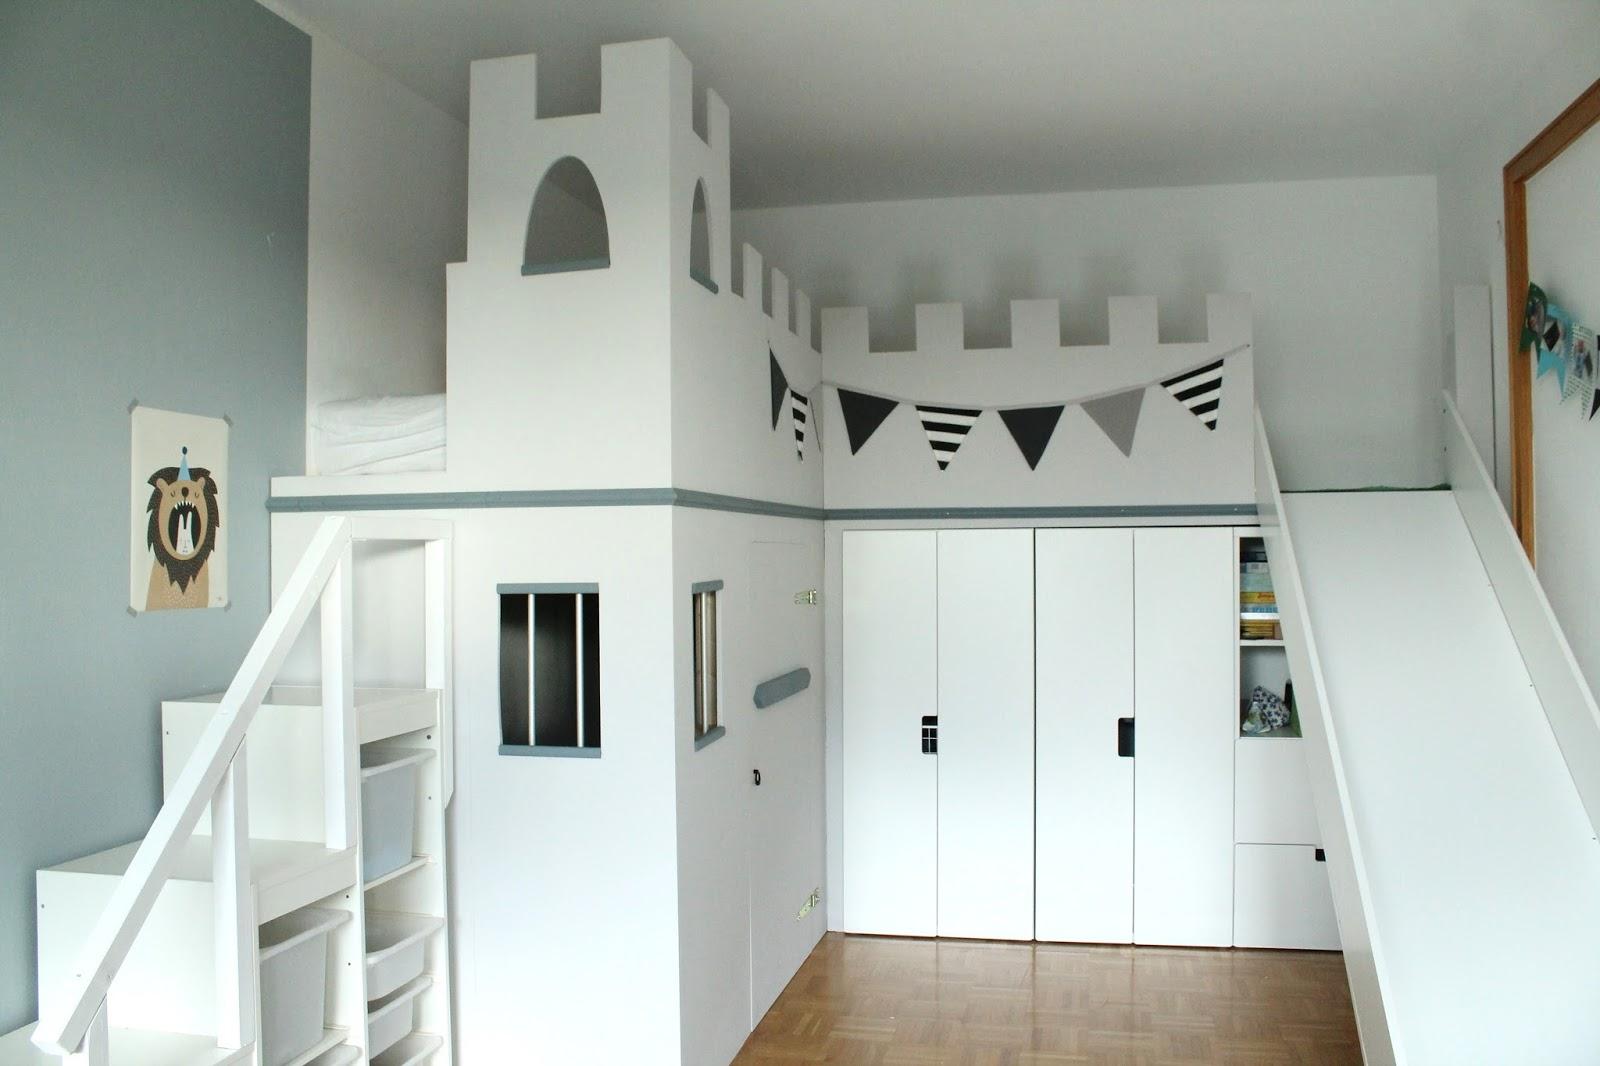 kleines freudenhaus: ein neues ritterzimmer für little l mit einem